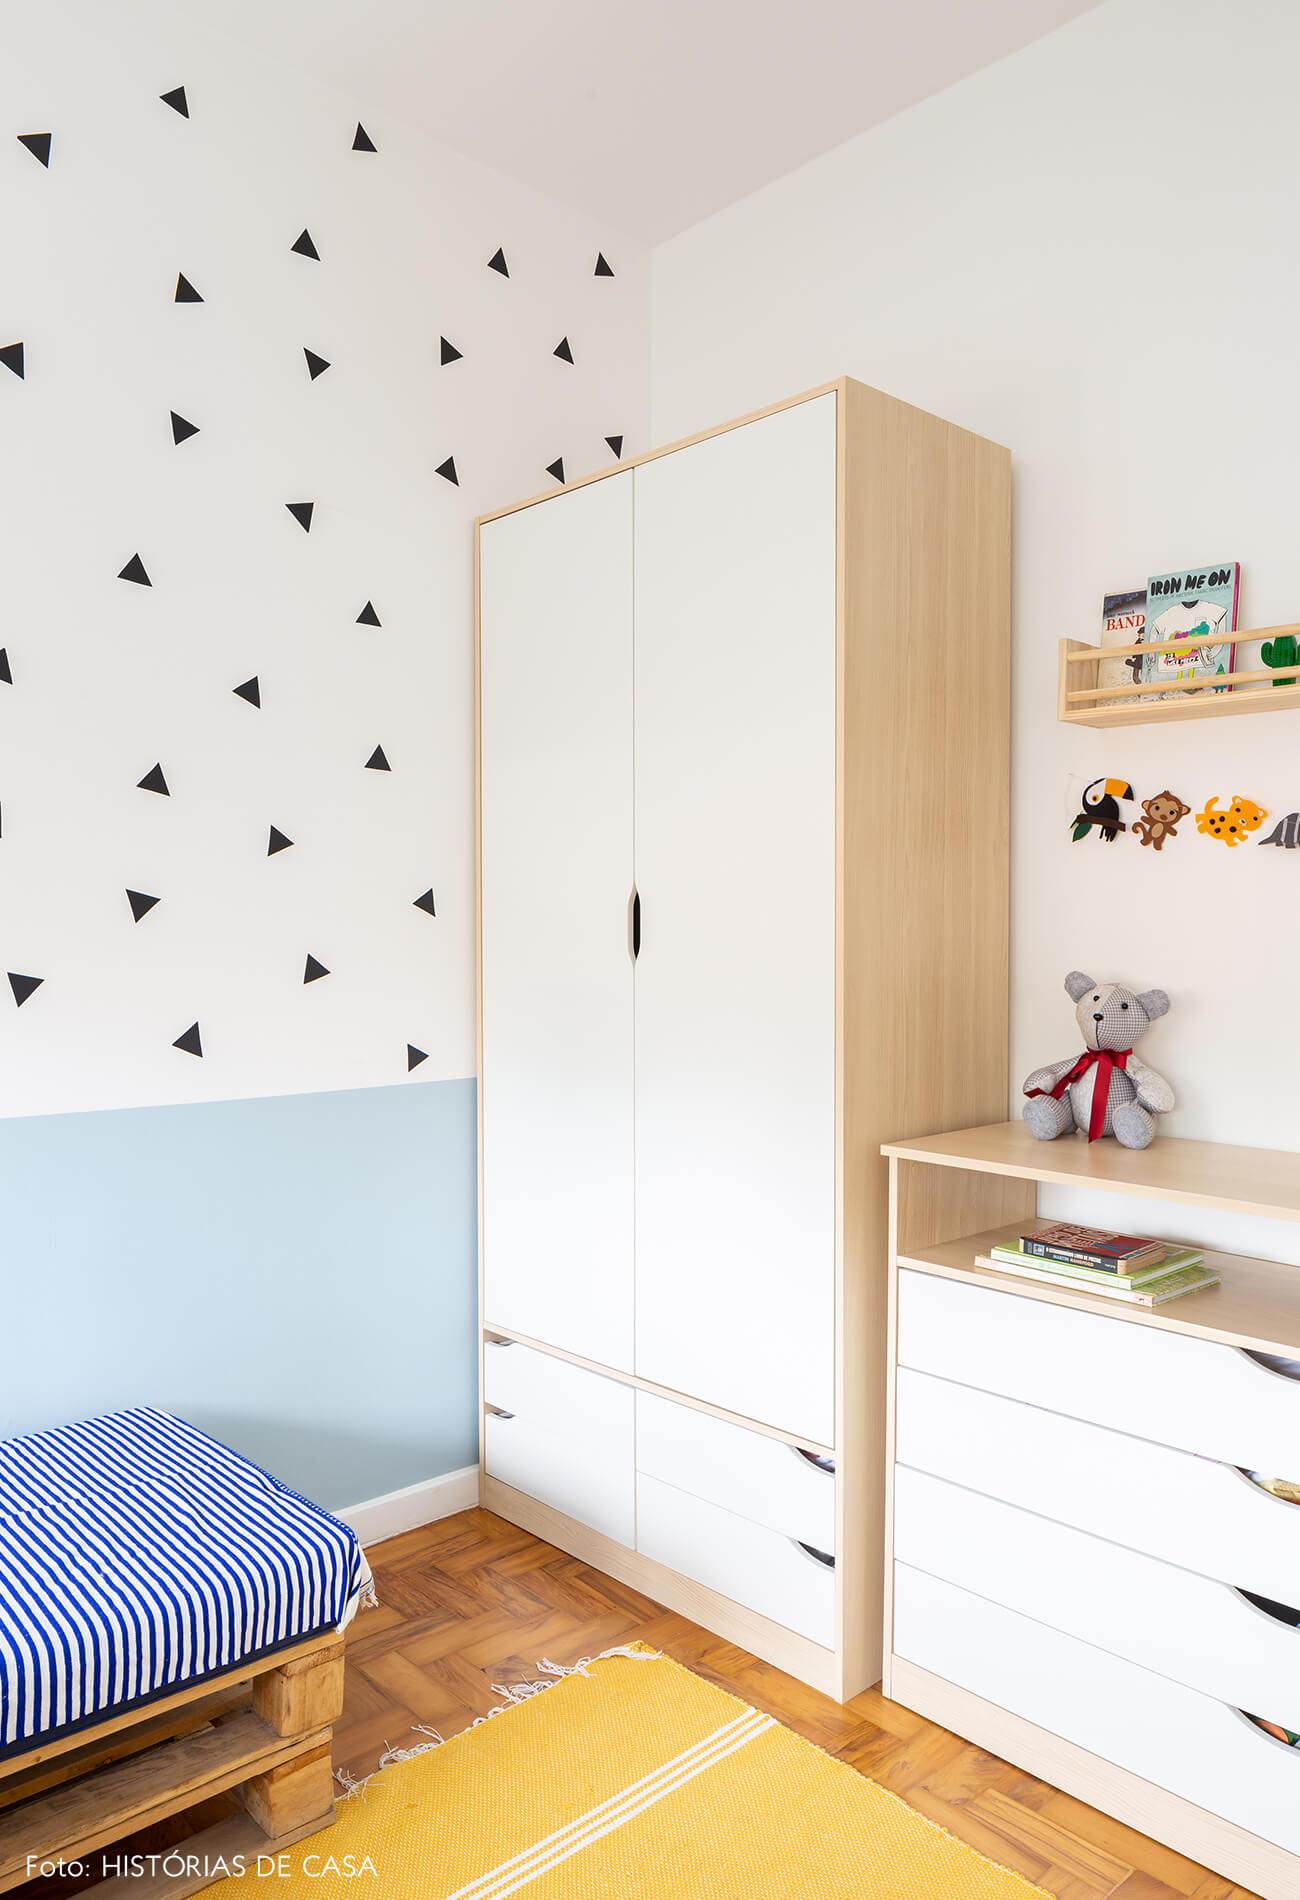 decoração quarto infantil com parede de adesivos triangulos